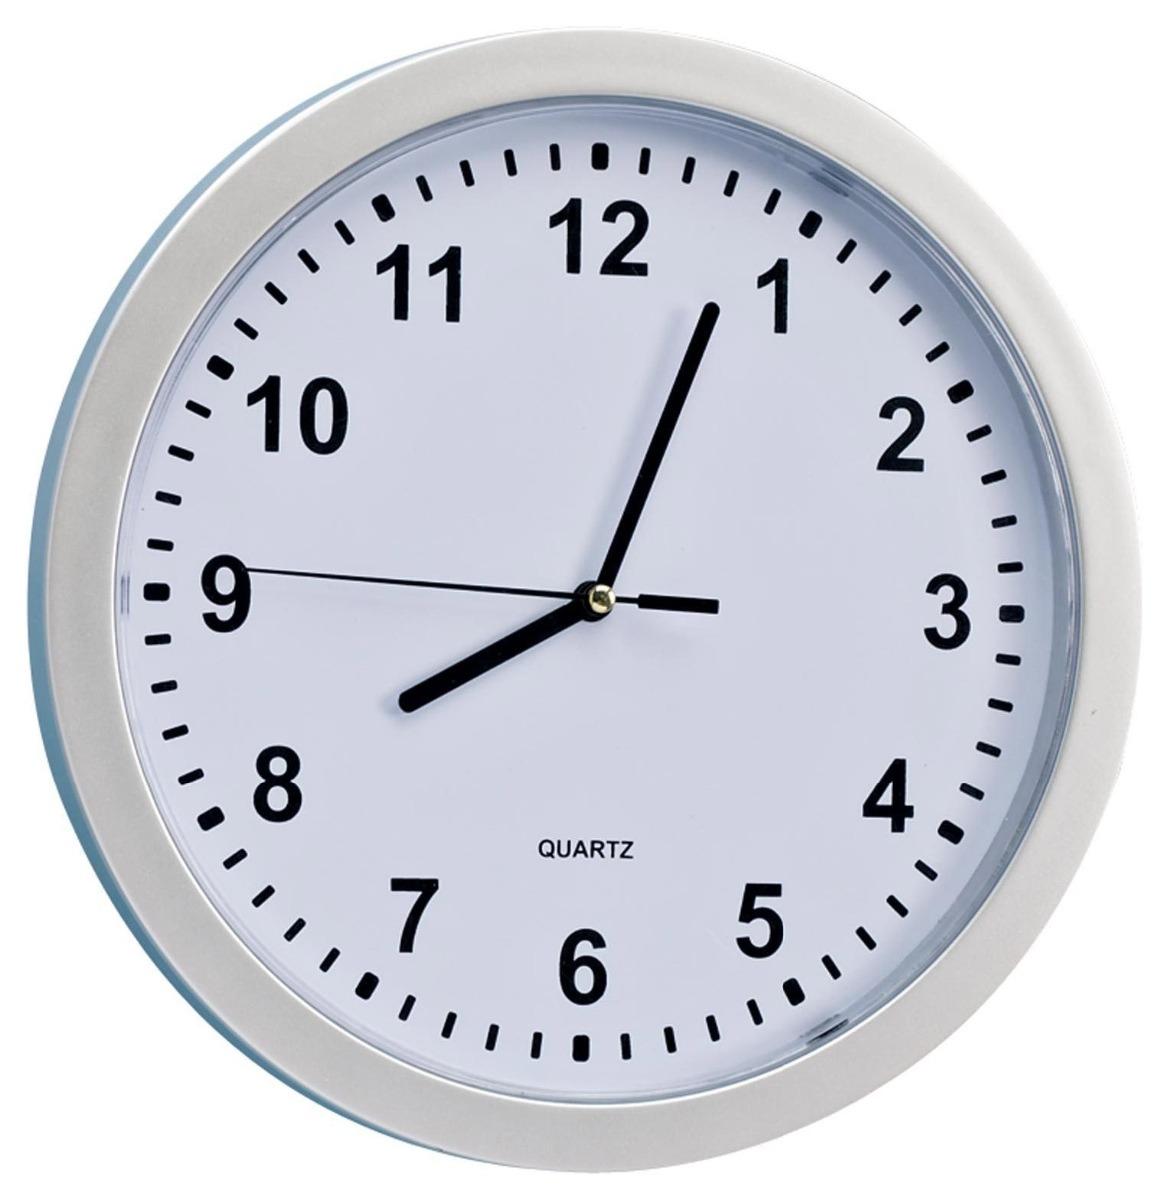 Computan las guardias pasivas como extensi n de jornada - Reloj adhesivo de pared ...